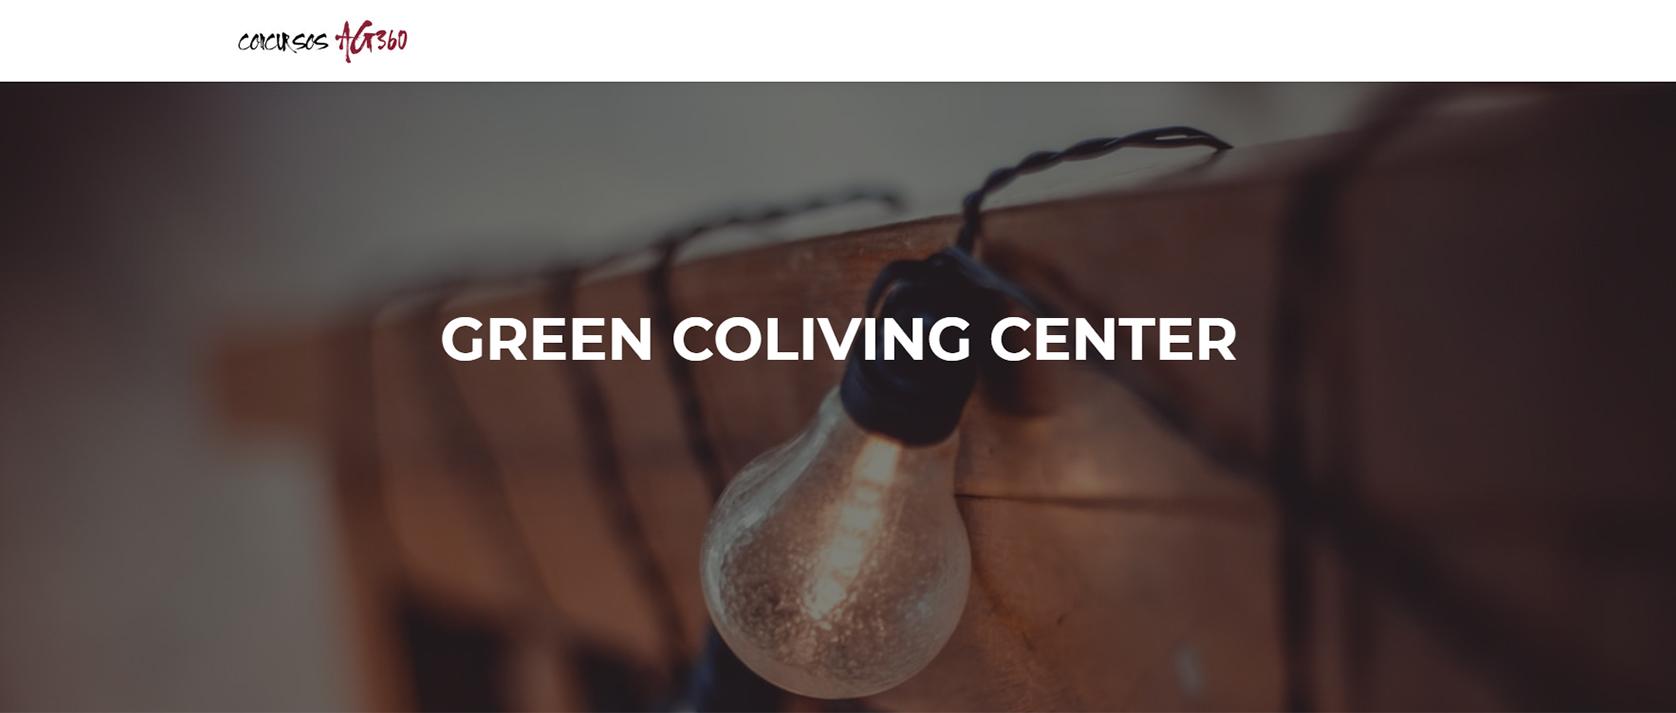 绿色集合住宅(Green Coliving Center)概念设计竞赛